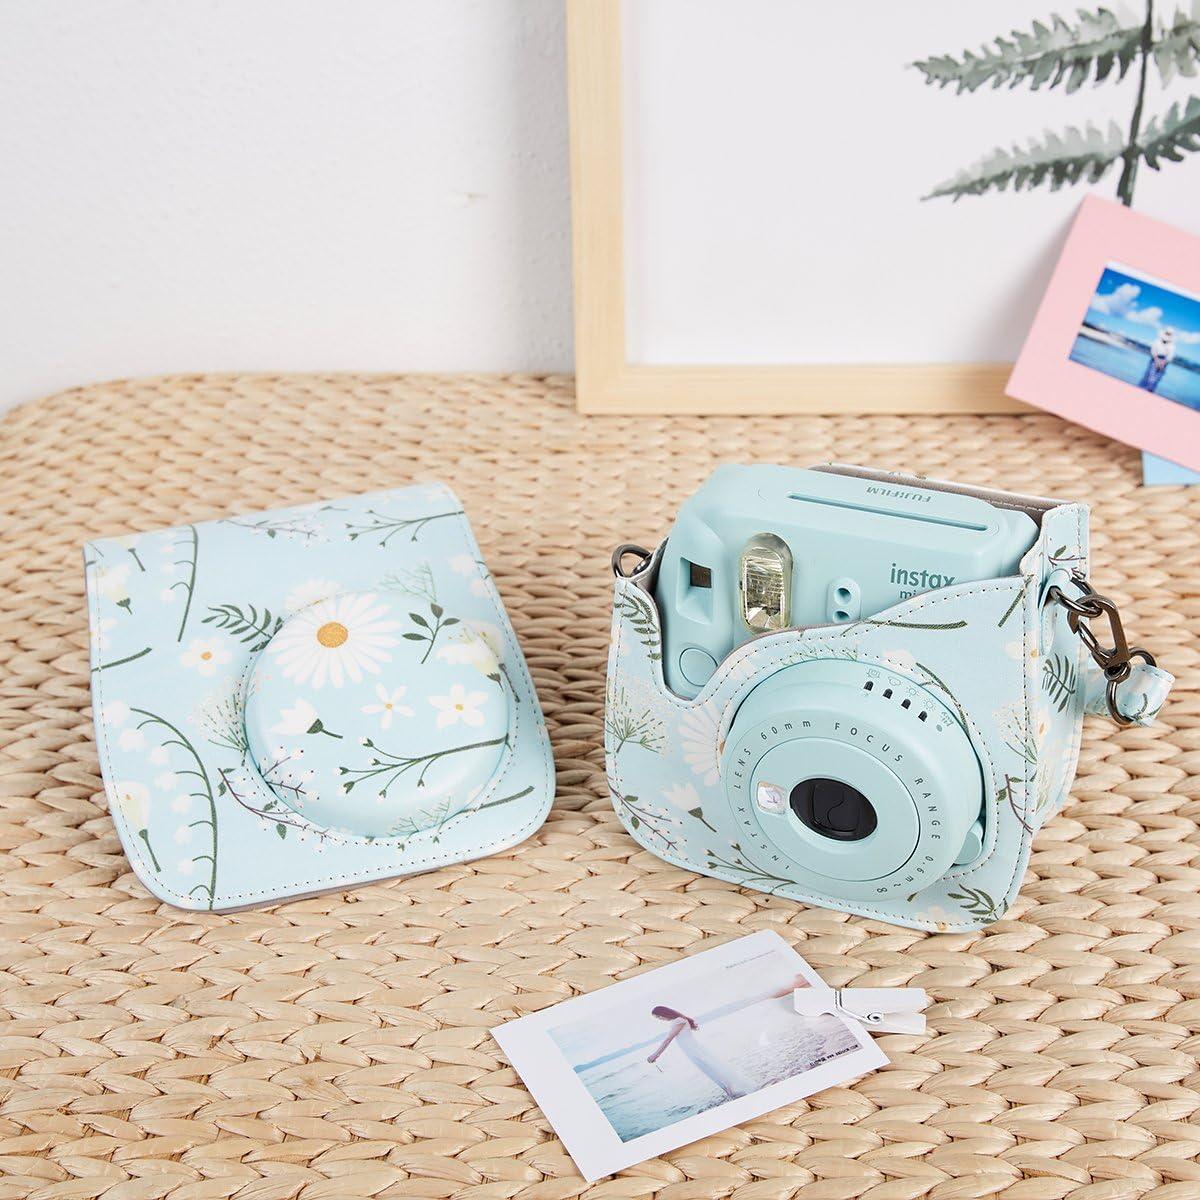 Alohallo 15 in 1 Instax Mini 9 Camera Accessories Set for Fujifilm Instax Mini 9// Mini 8// Mini 8 Black A Camera